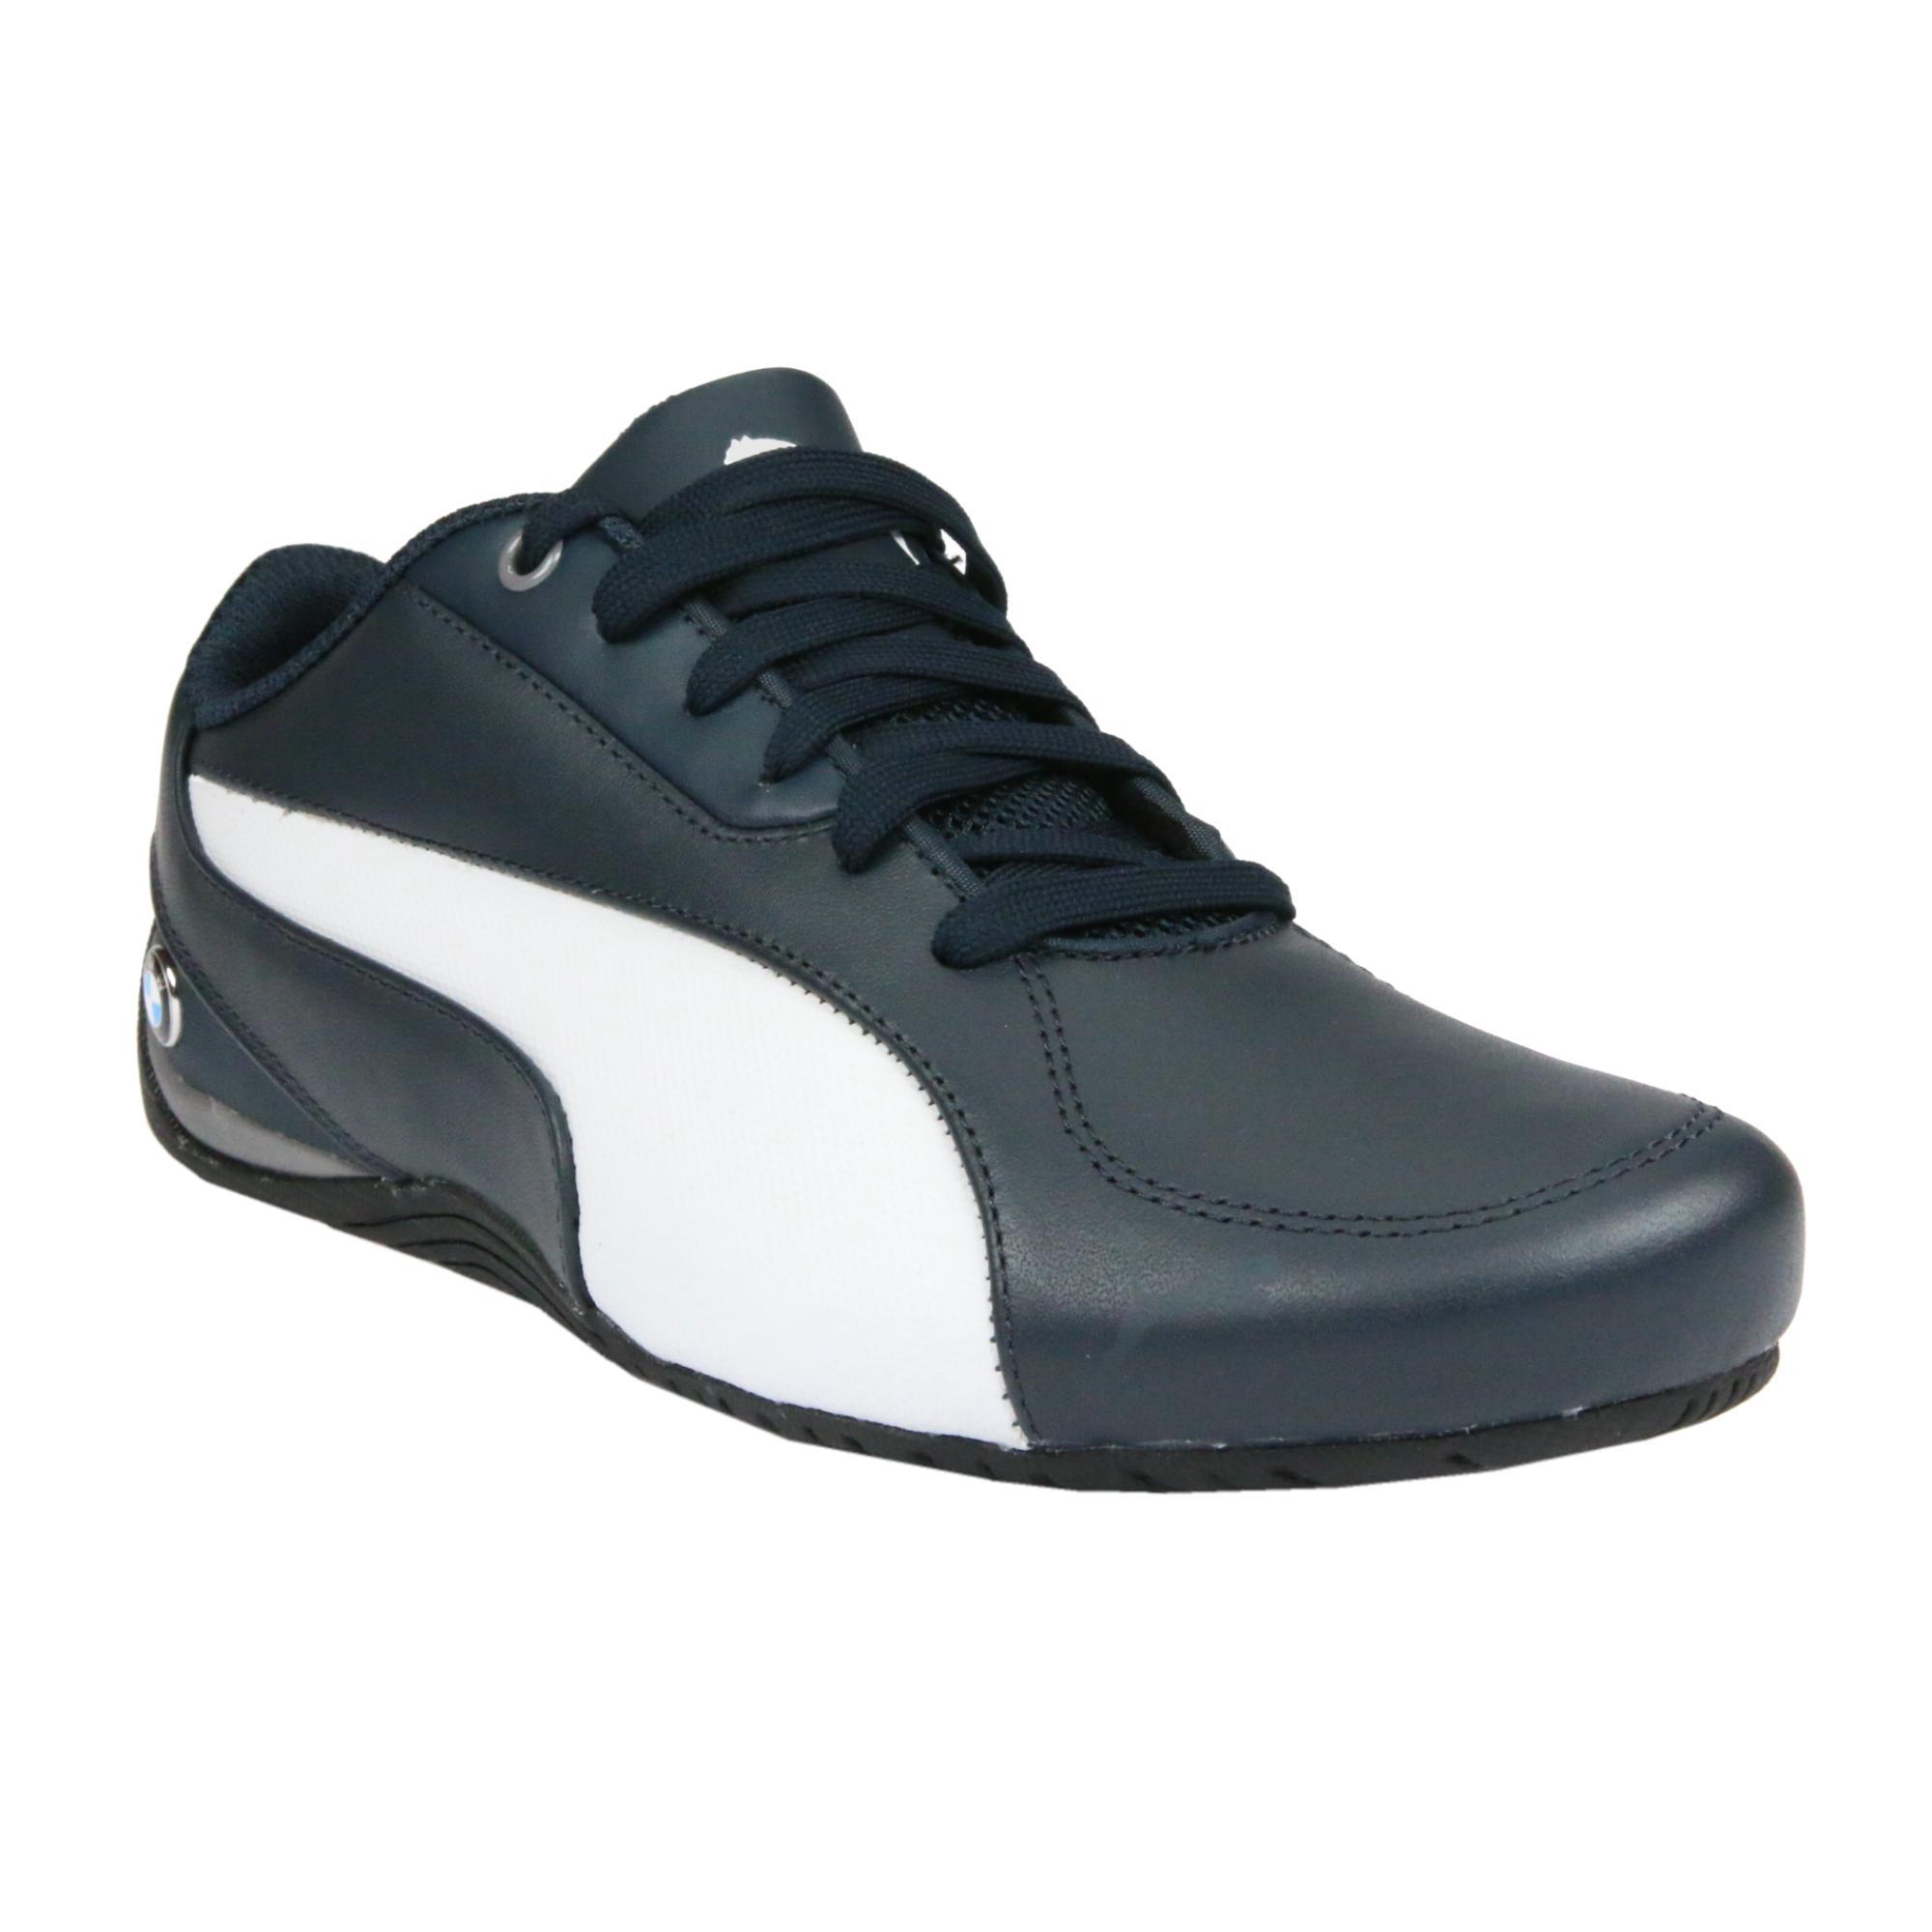 puma ferrari bmw future cat drift cat schuhe sneaker. Black Bedroom Furniture Sets. Home Design Ideas